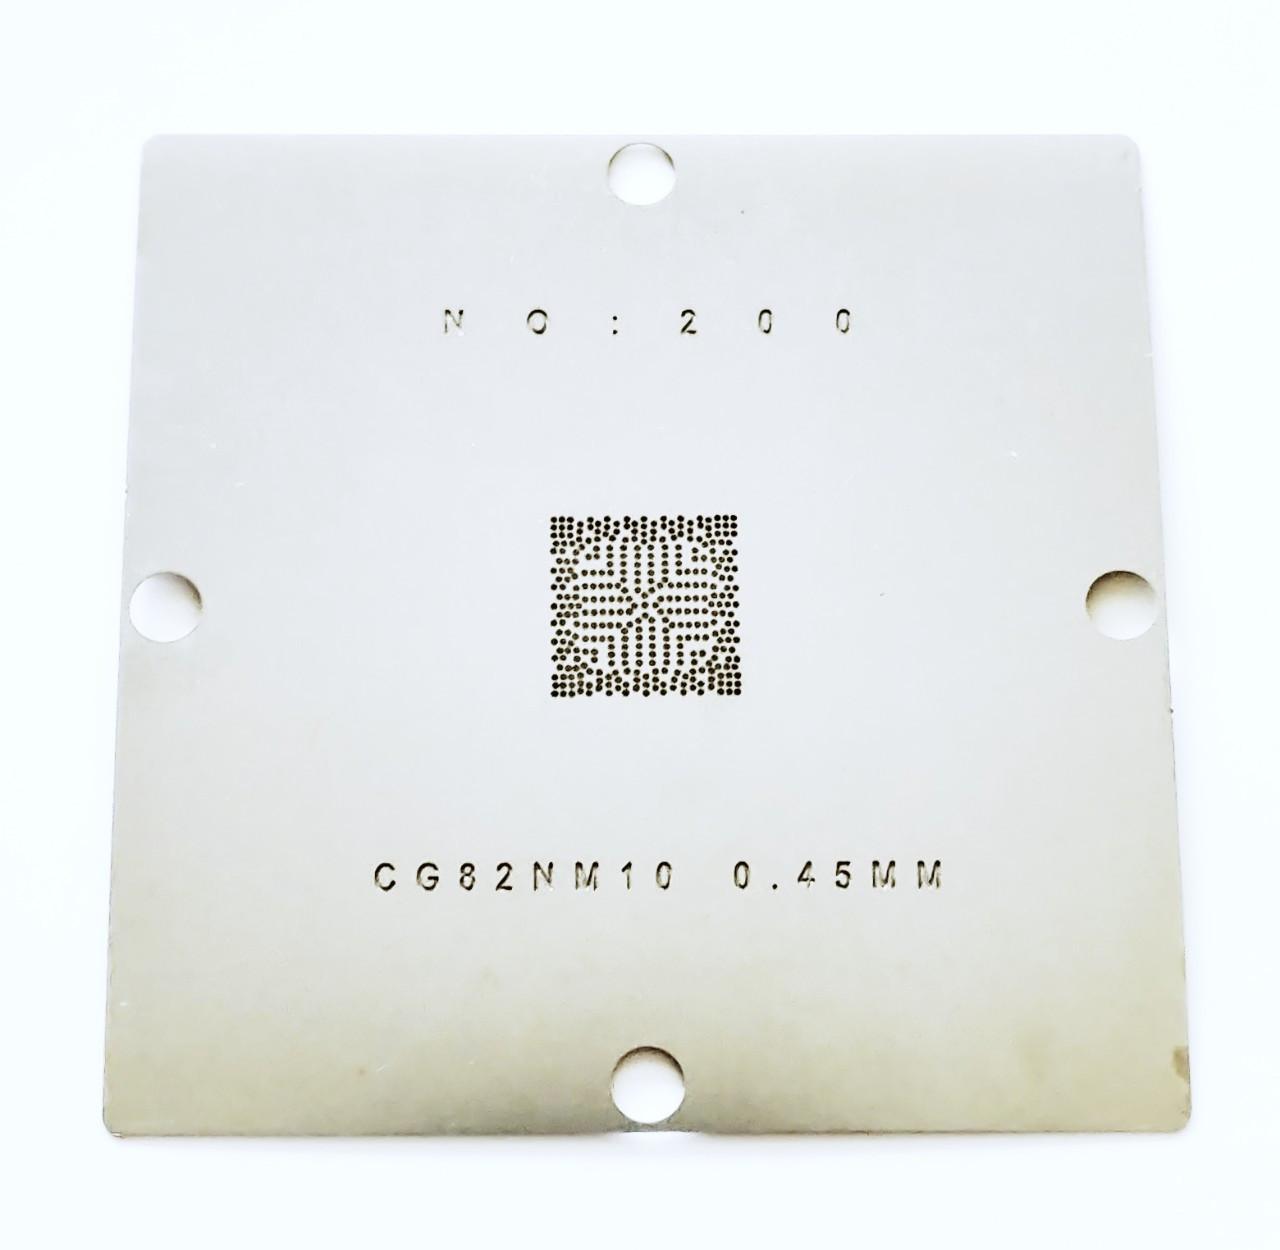 Трафарет BGA CG82NM10. Шар 0,45 мм